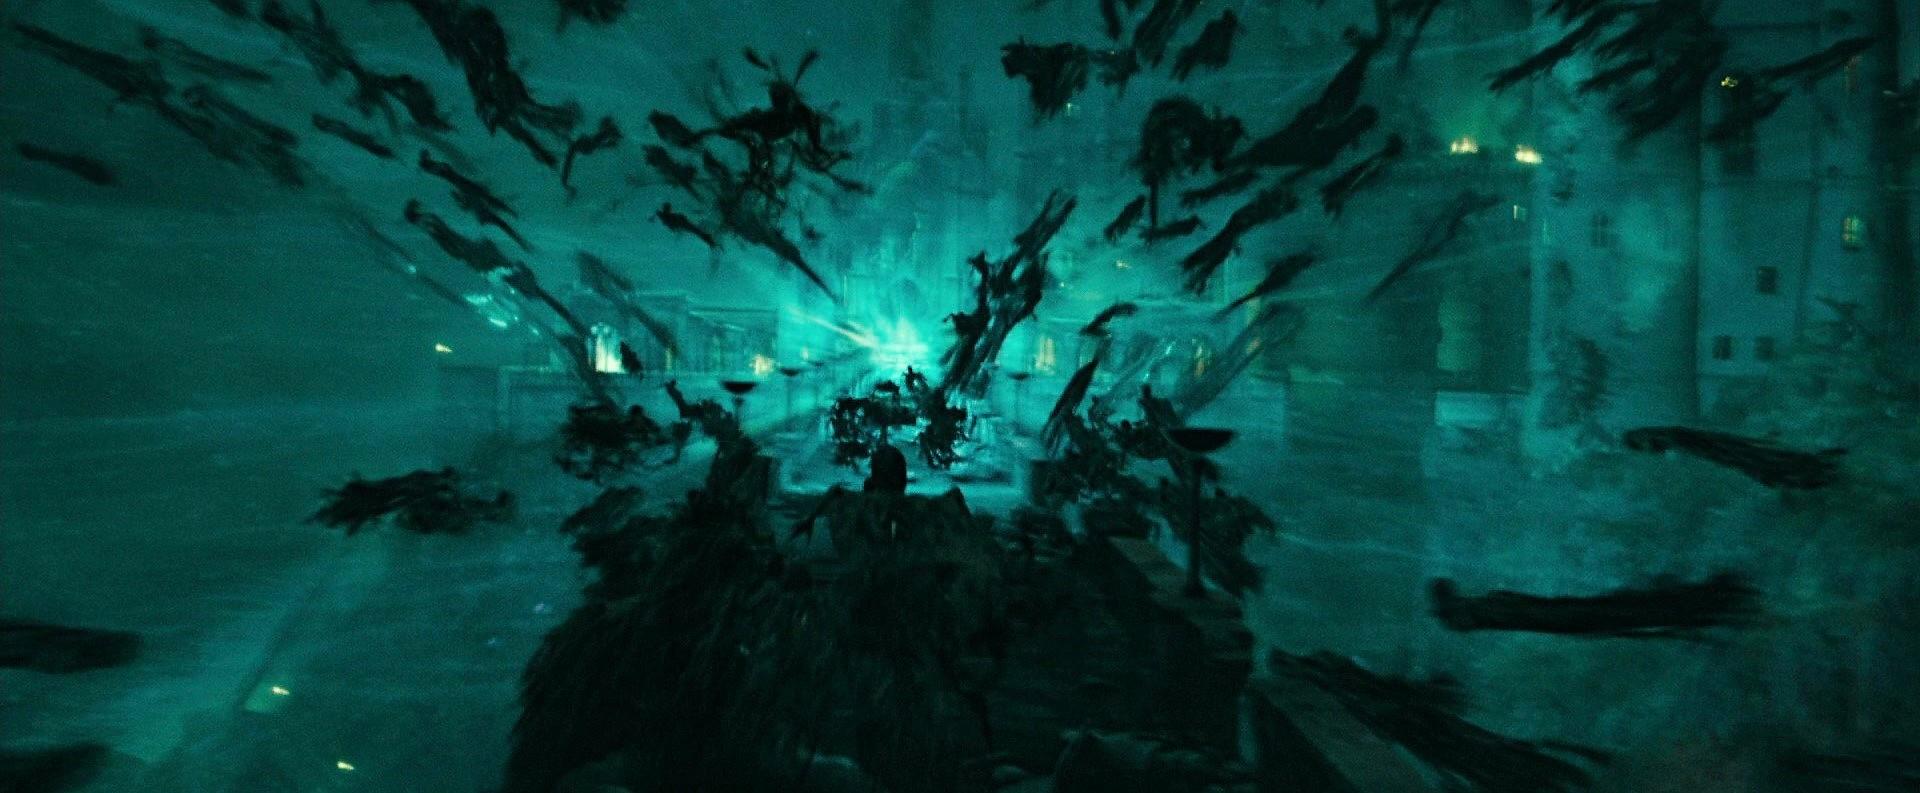 Výsledek obrázku pro Harry-potter7-dementors_battle.jpg